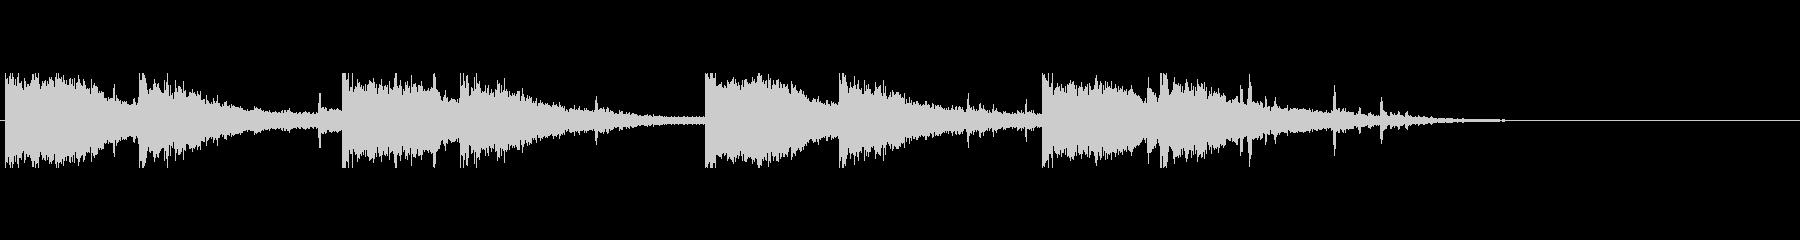 「カーン・キーン」恐怖を感じる金属音の未再生の波形